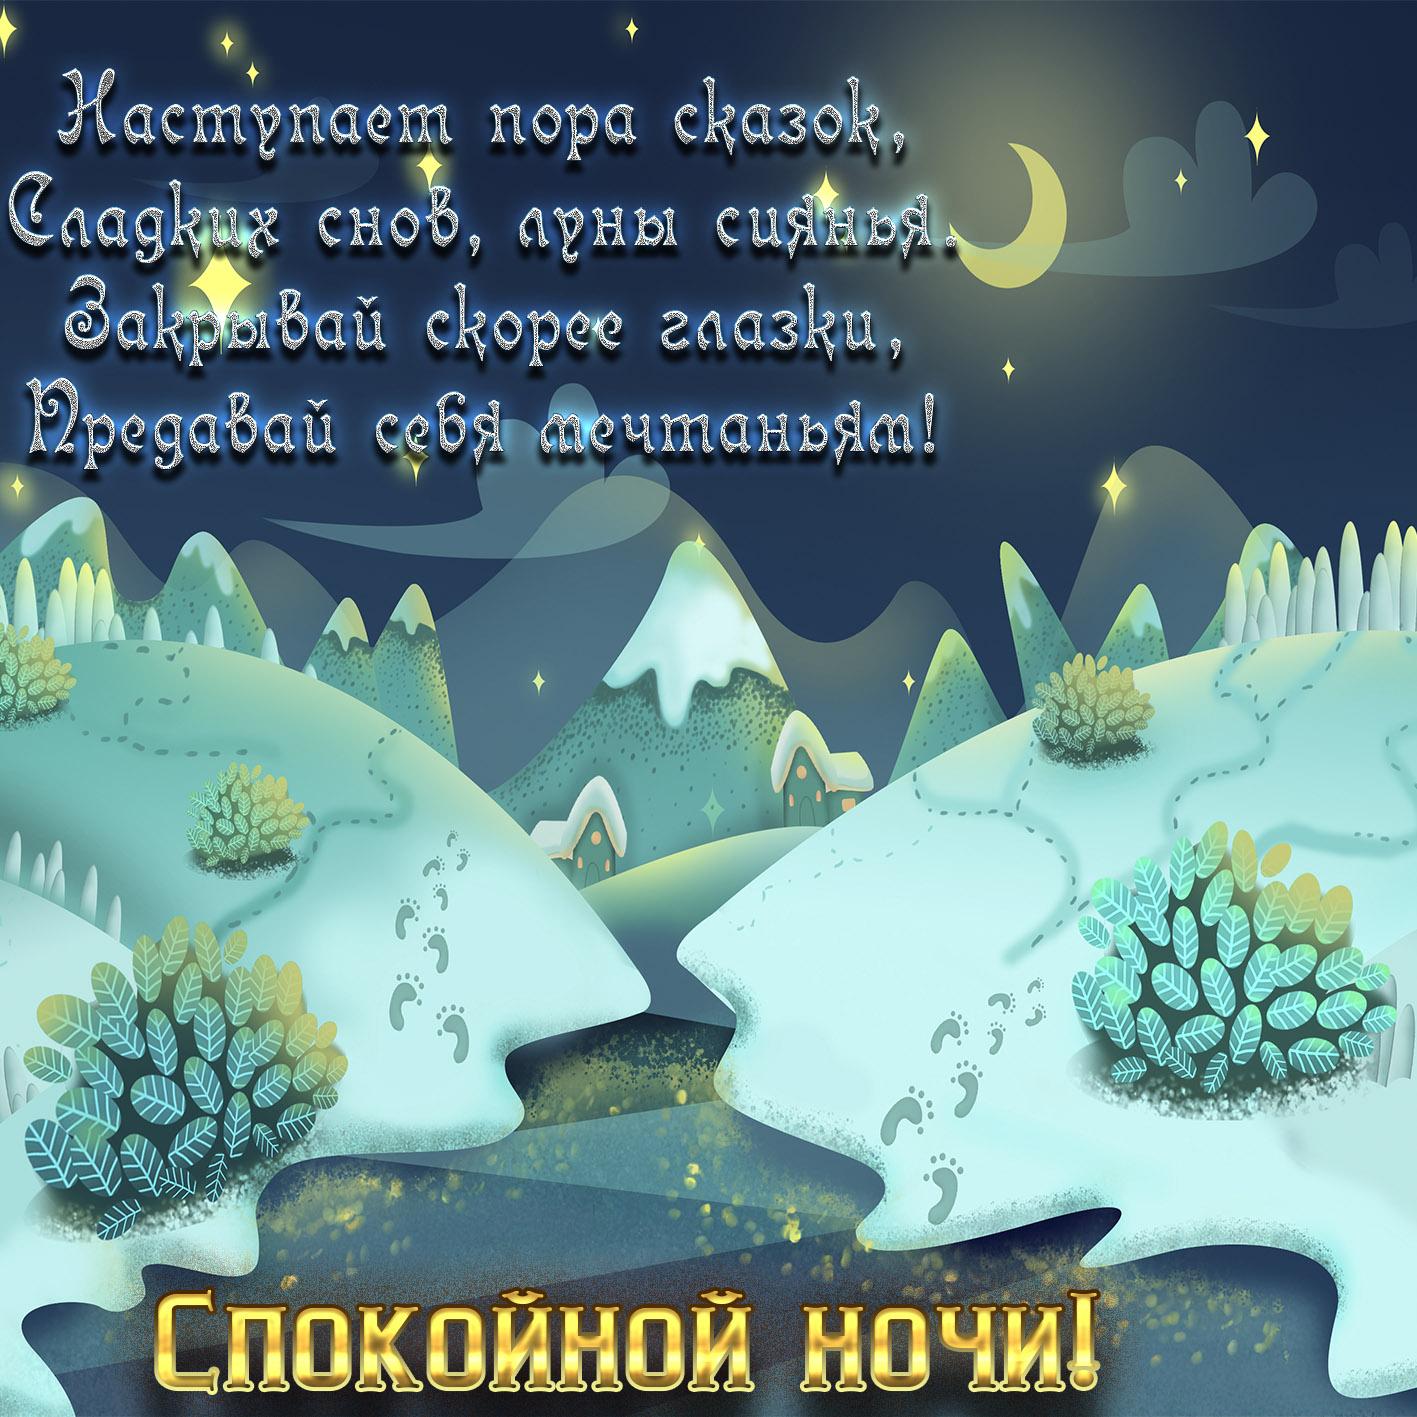 Доброй новогодней ночи картинки с надписями